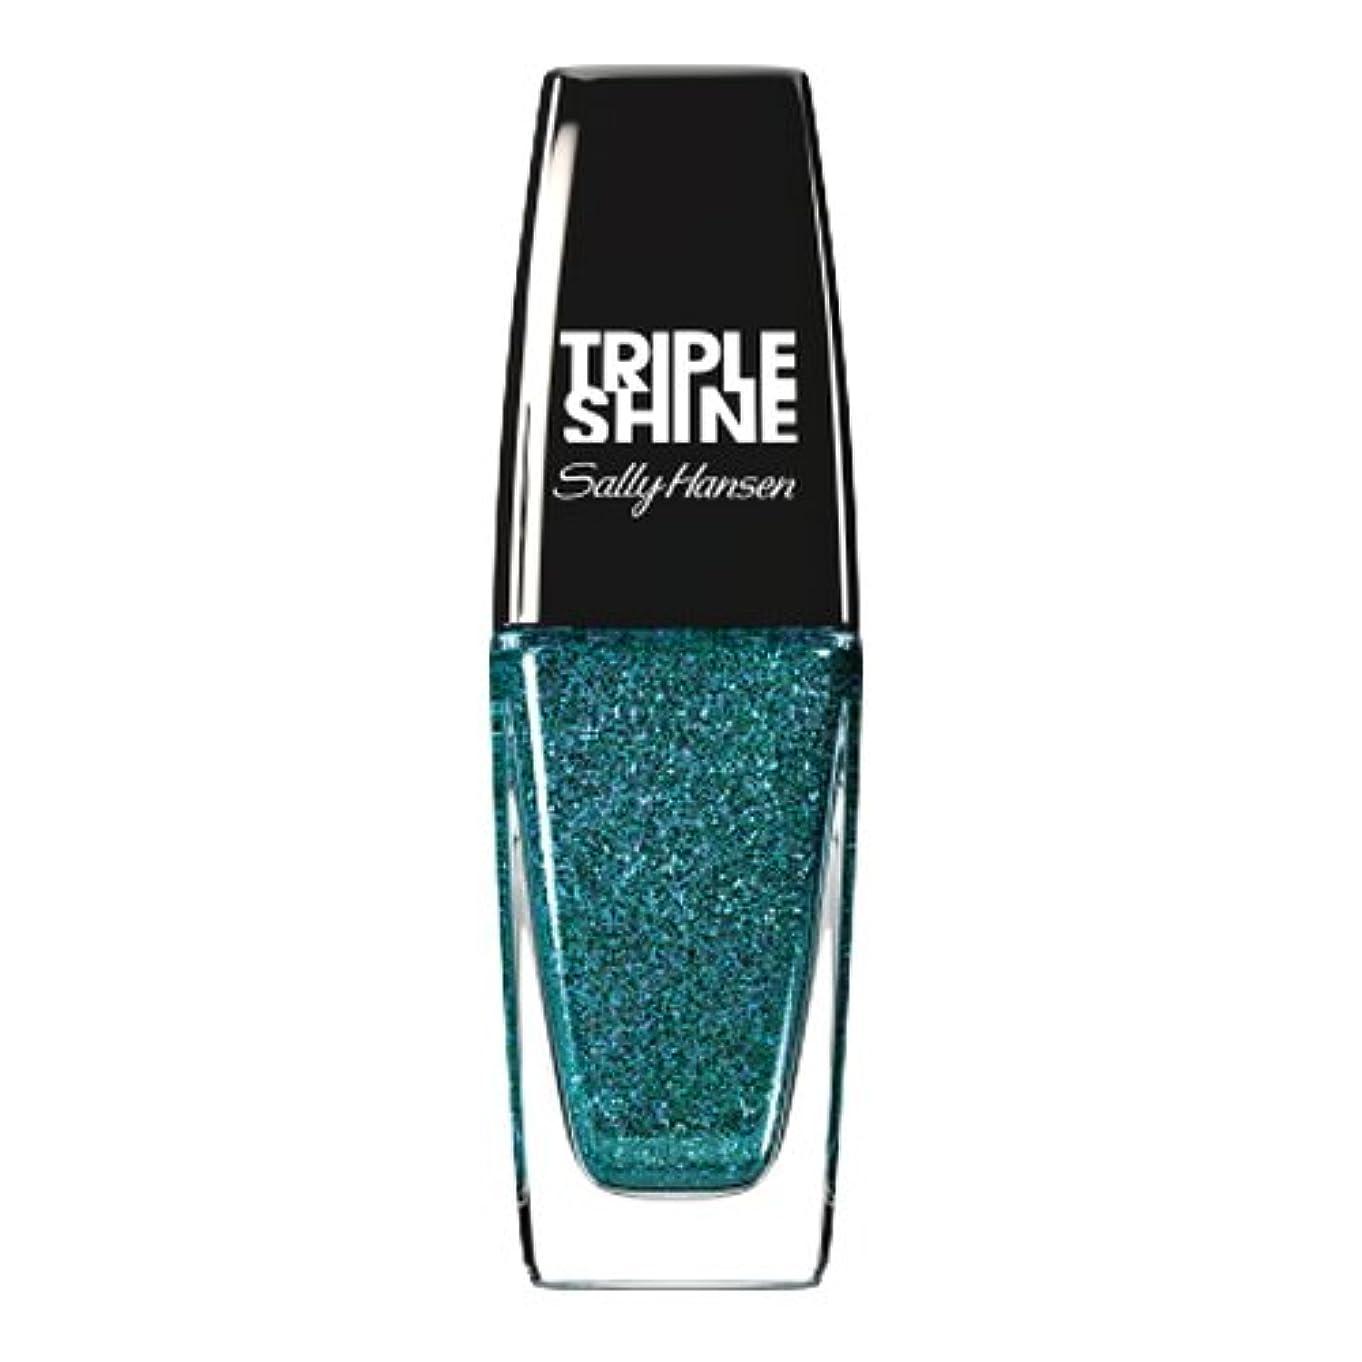 ラテン価格引き受けるSALLY HANSEN Triple Shine Nail Polish - Sparkling Water (並行輸入品)